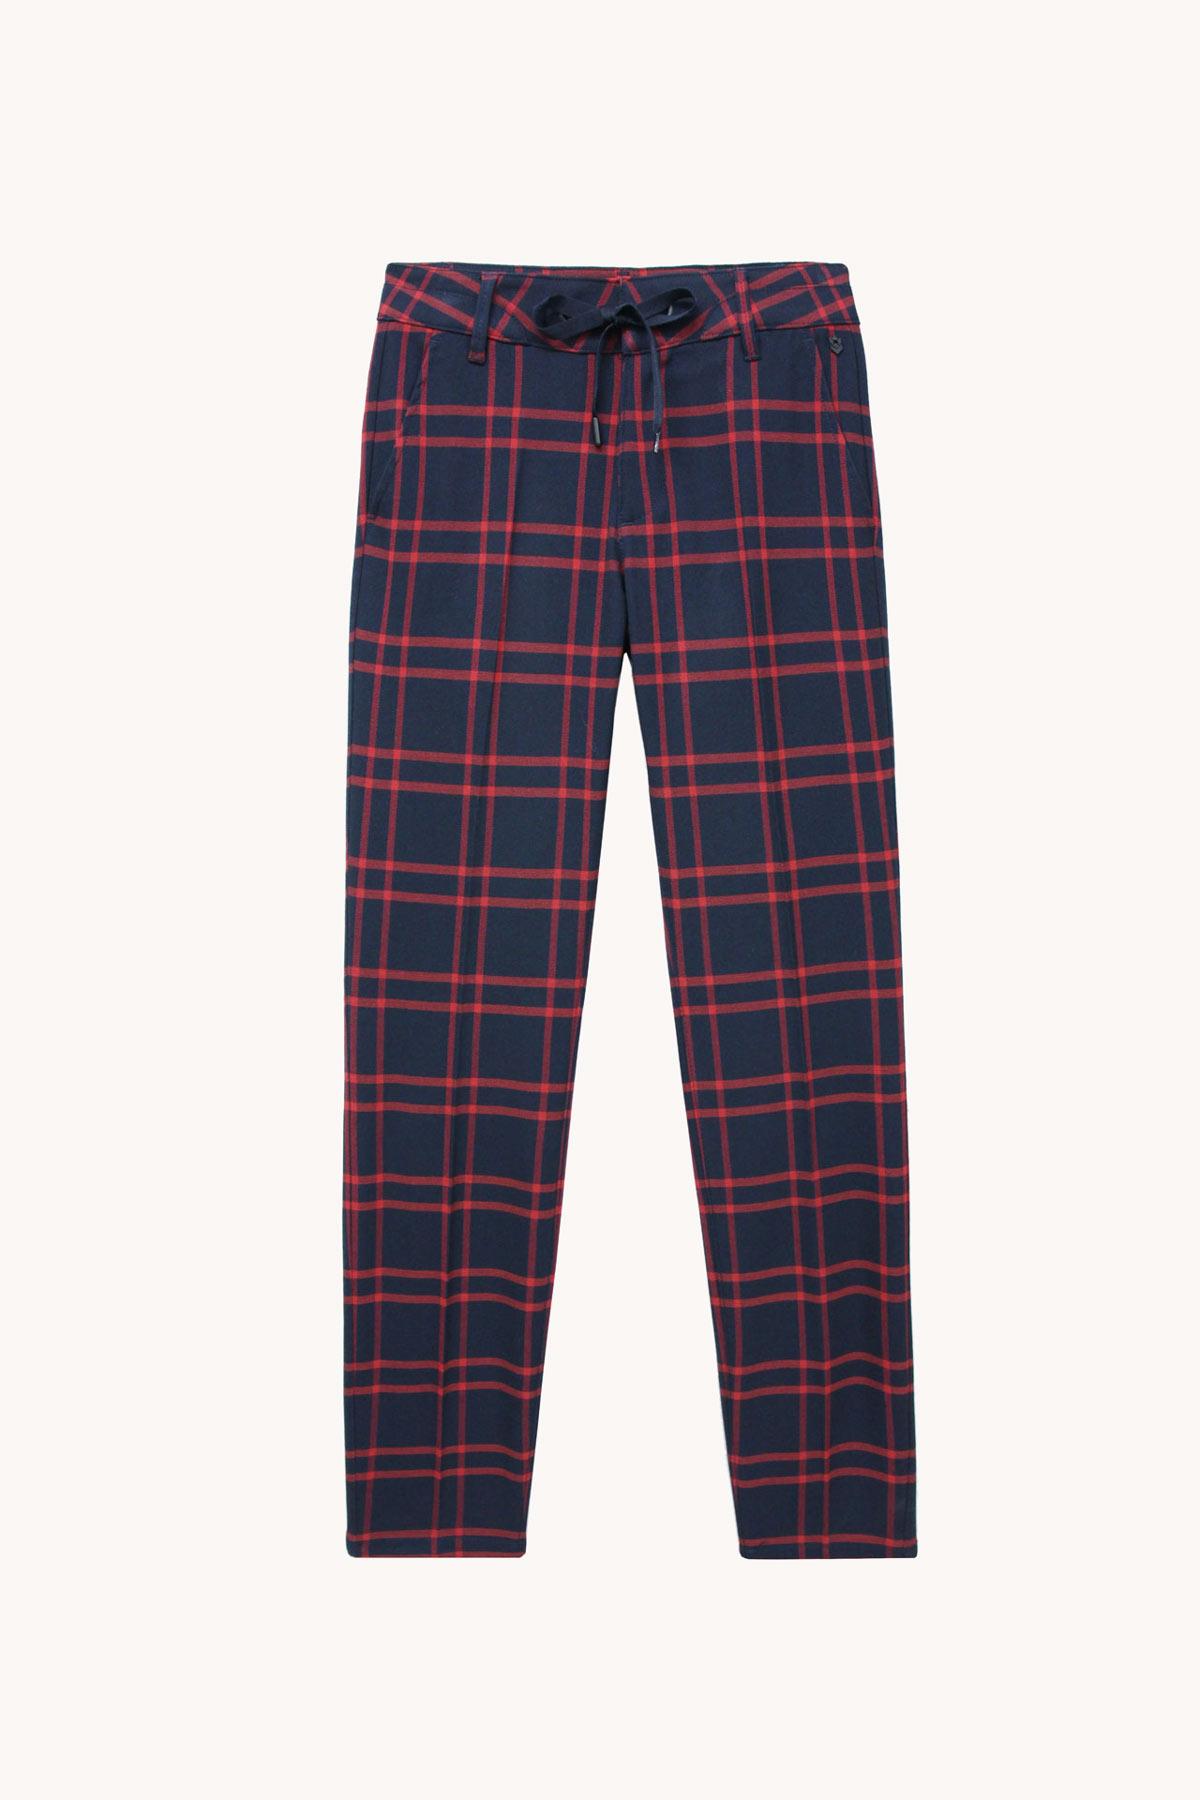 pantalón tartan